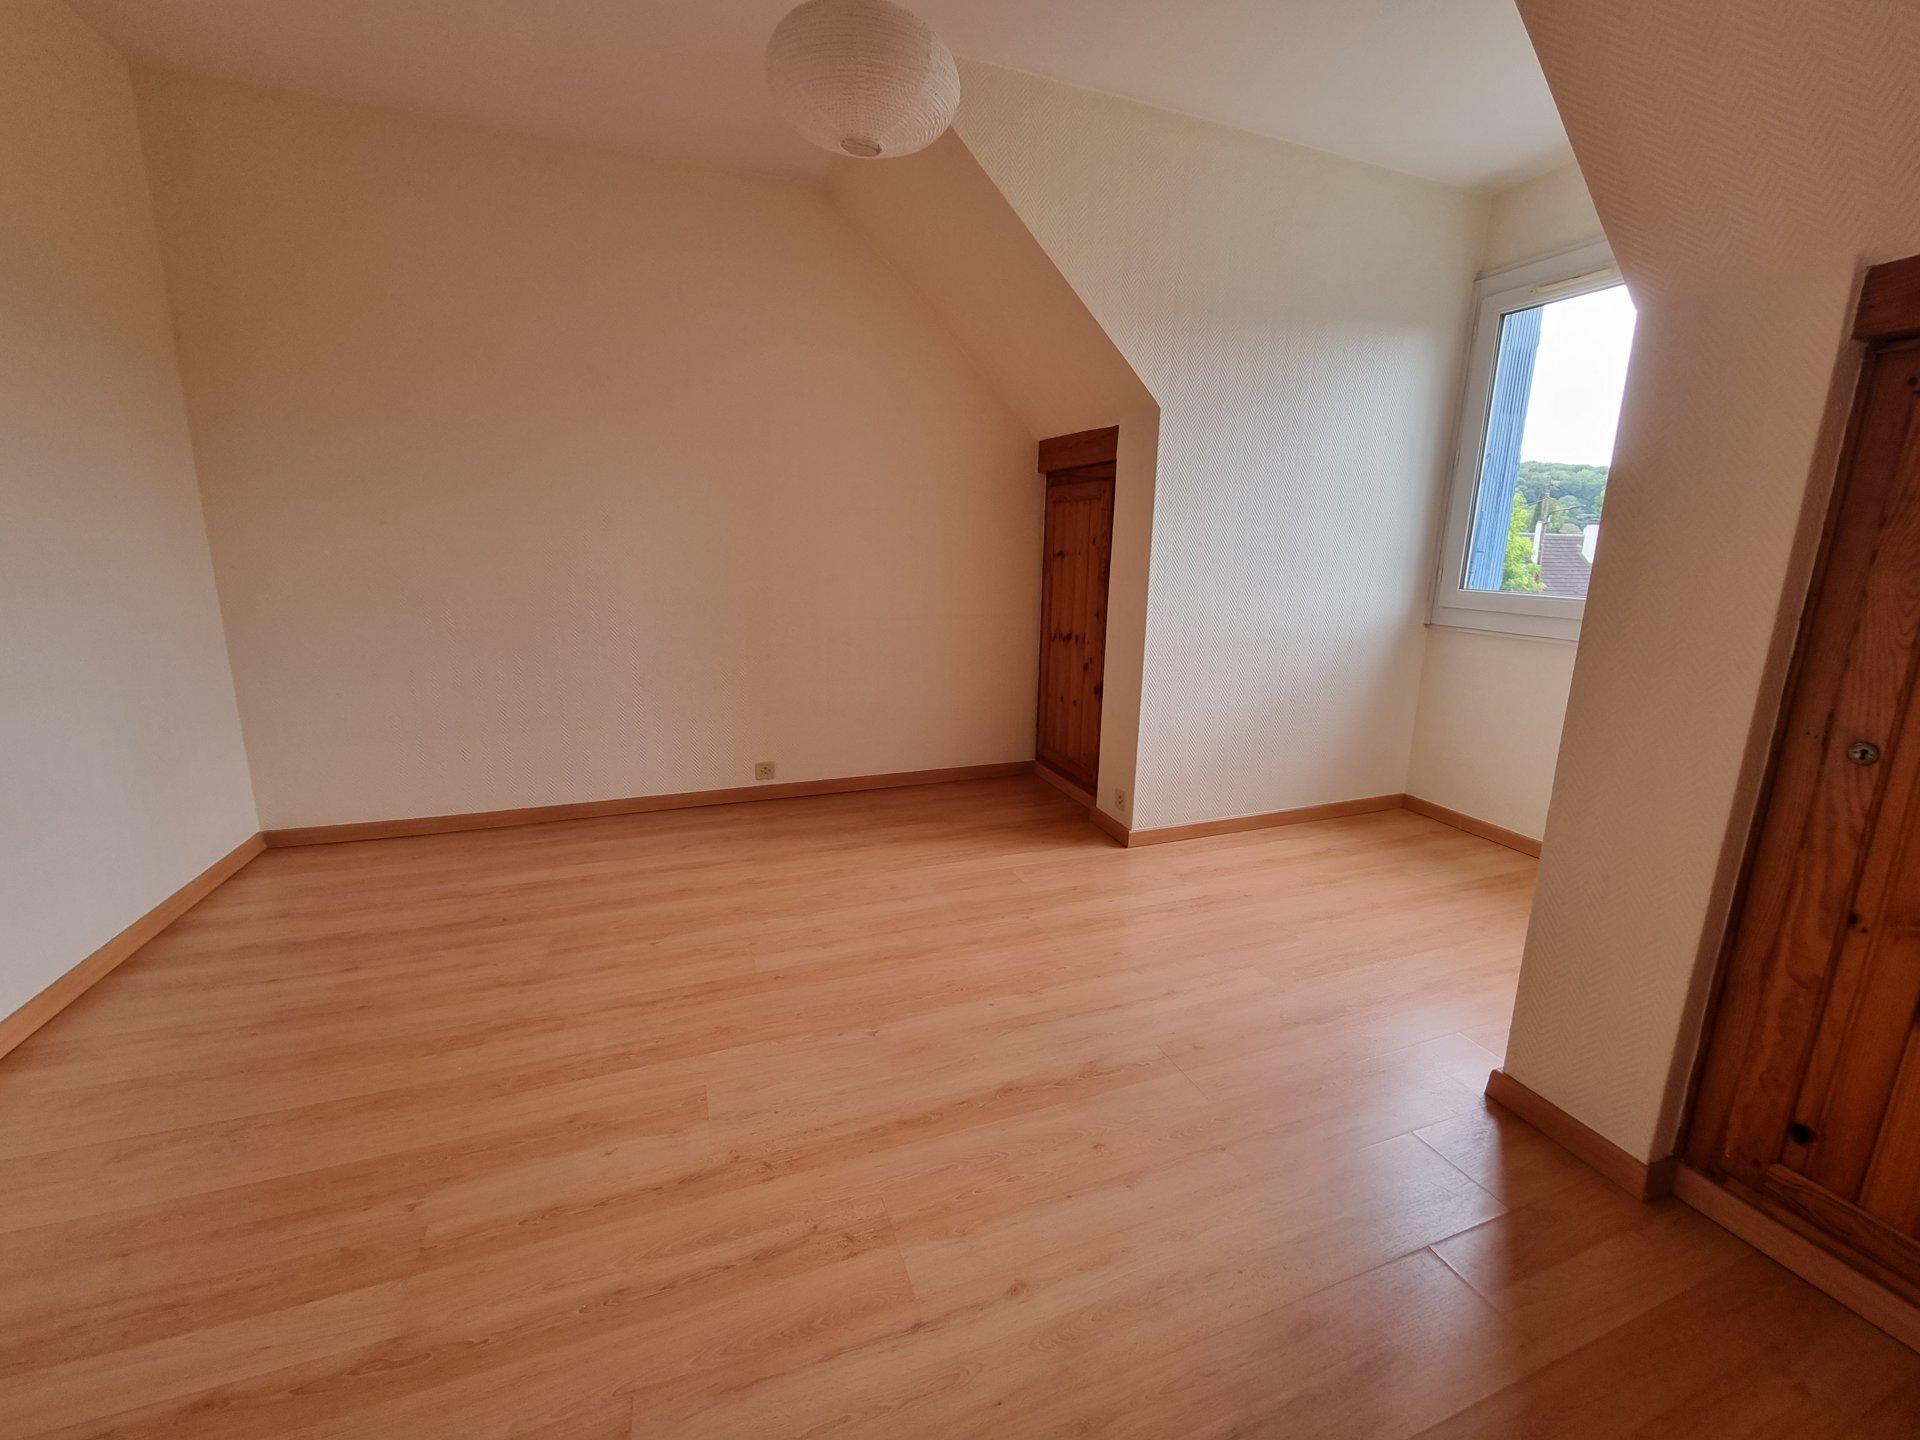 Maison 9 pièces - 217m²